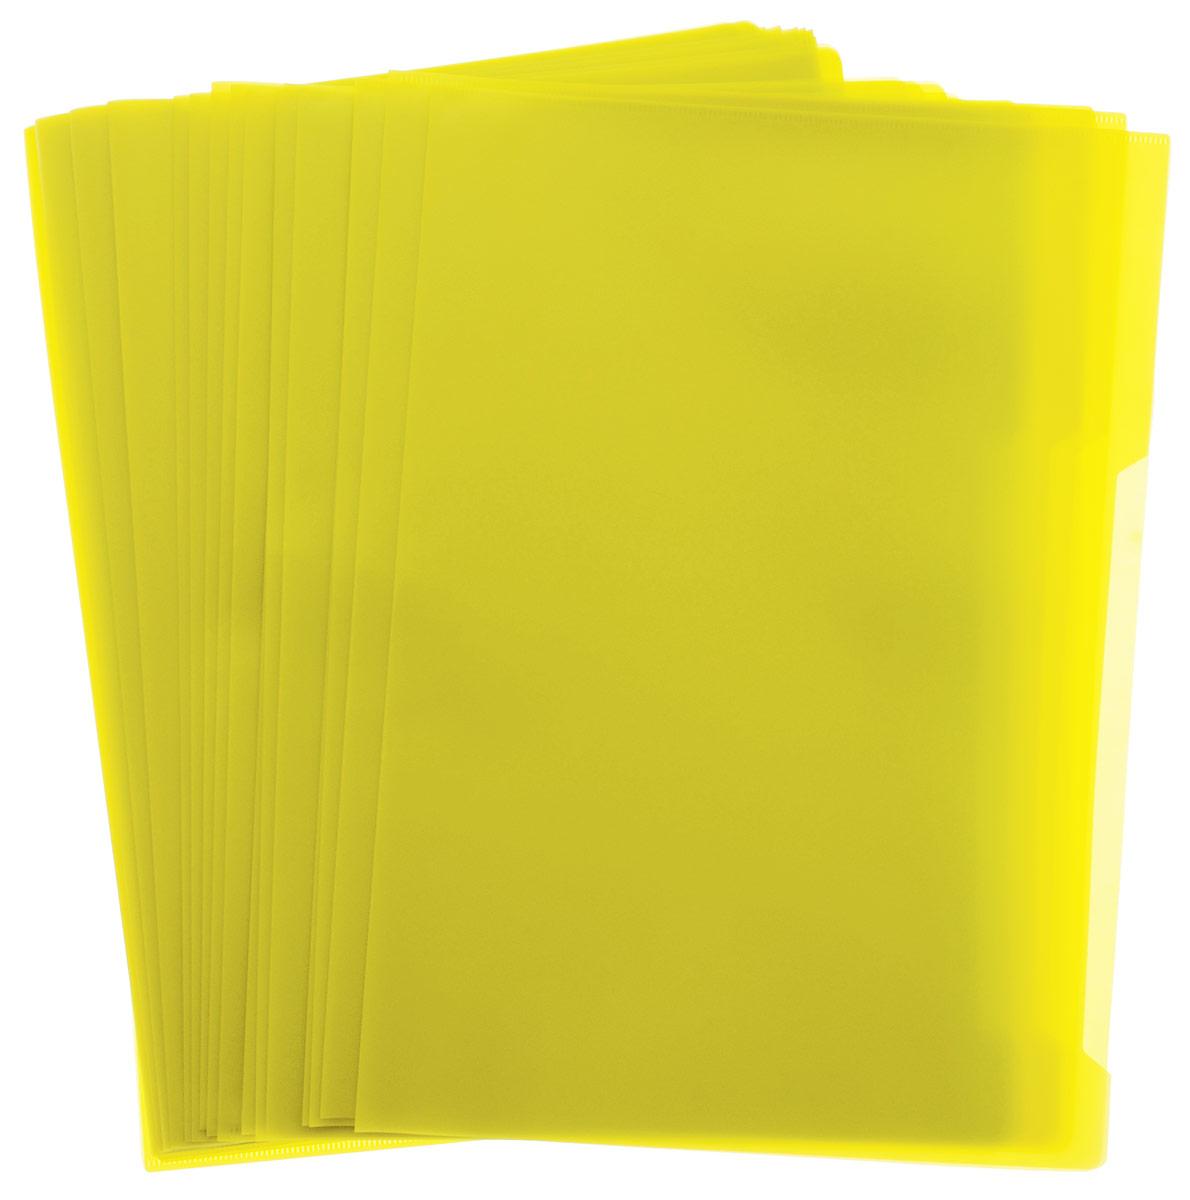 Durable Папка-уголок цвет желтый 50 штFS-36054Папка-уголок Durable, изготовленная из высококачественного полипропилена, это удобный и практичный офисный инструмент, предназначенный для хранения и транспортировки рабочих бумаг и документов формата А4. Папка оснащена выемкой для перелистывания листов. В наборе - 50 папок.Папка-уголок - это незаменимый атрибут для студента, школьника, офисного работника. Такая папка надежно сохранит ваши документы и сбережет их от повреждений, пыли и влаги.